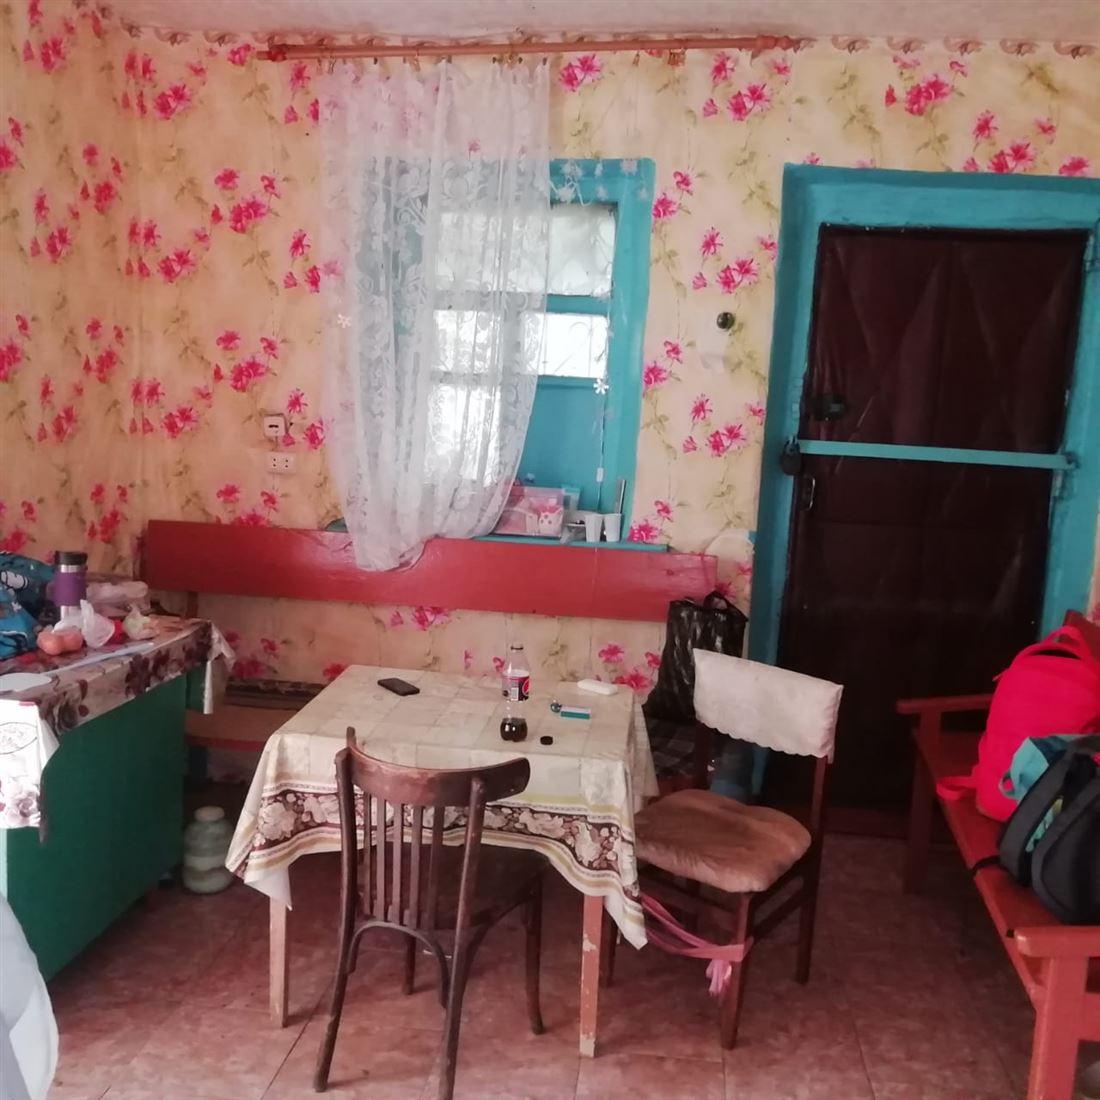 Дом на продажу по адресу Россия, Воронежская область, Верхнехавский, Нижняя Байгора, ул Мира